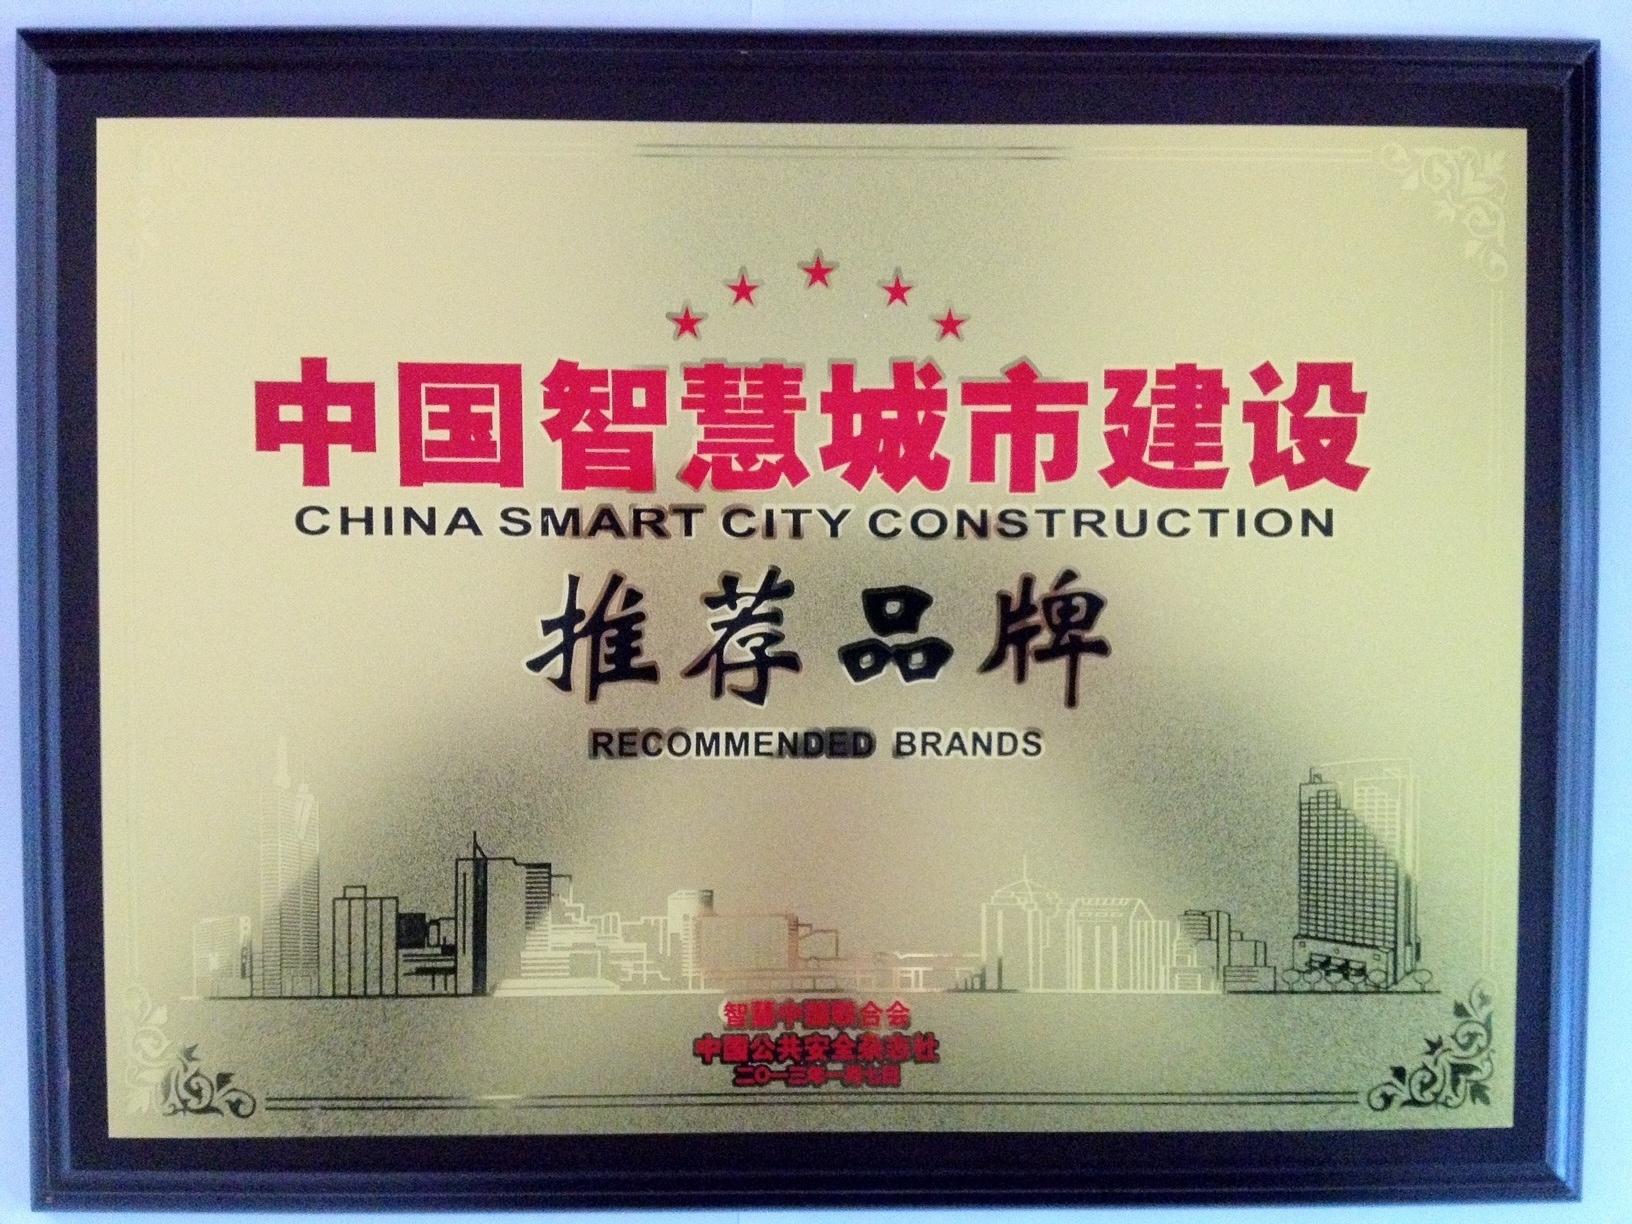 2013年中國智慧城市建設推薦品牌